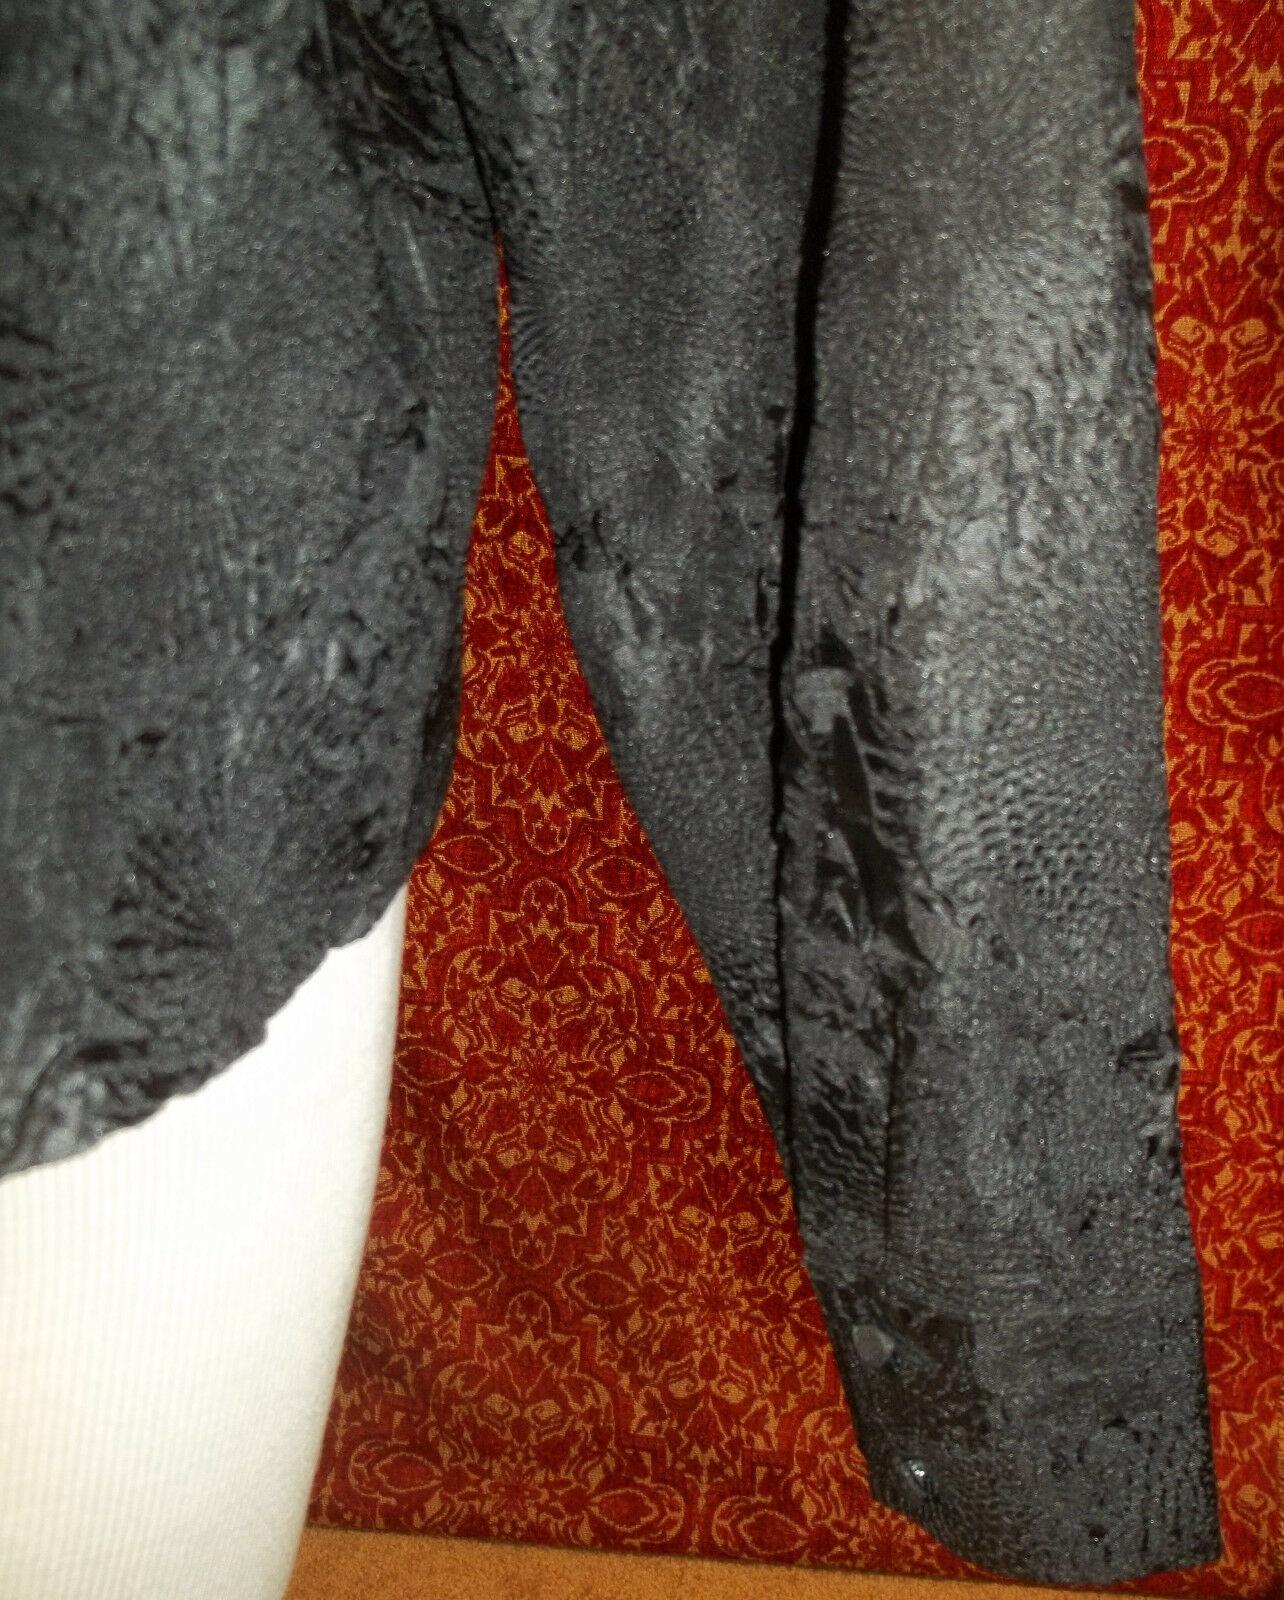 KORET black wrinkle polyester long sleeve blouse 16 (T45-03G8G) image 7